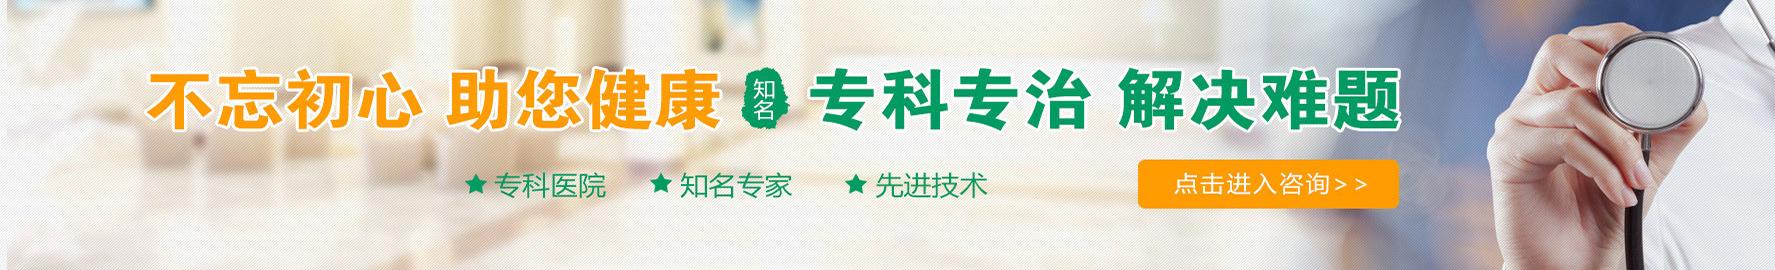 潍坊妇科医院